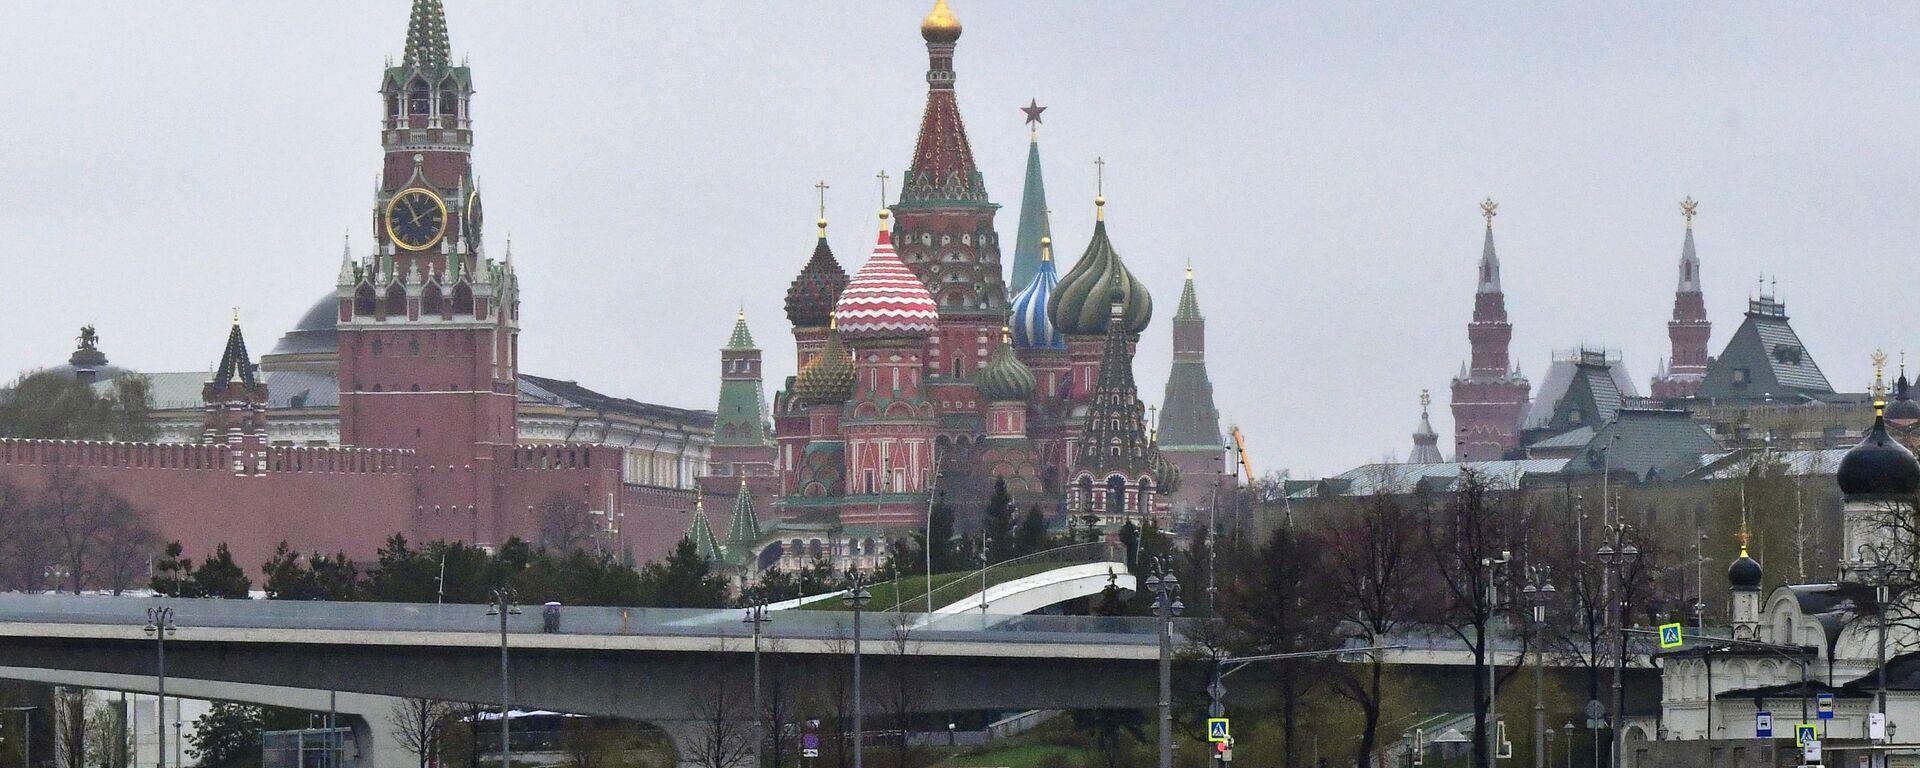 Pogled na Kremlj i Hram Vasilija Blaženog u Moskvi - Sputnik Srbija, 1920, 16.09.2021